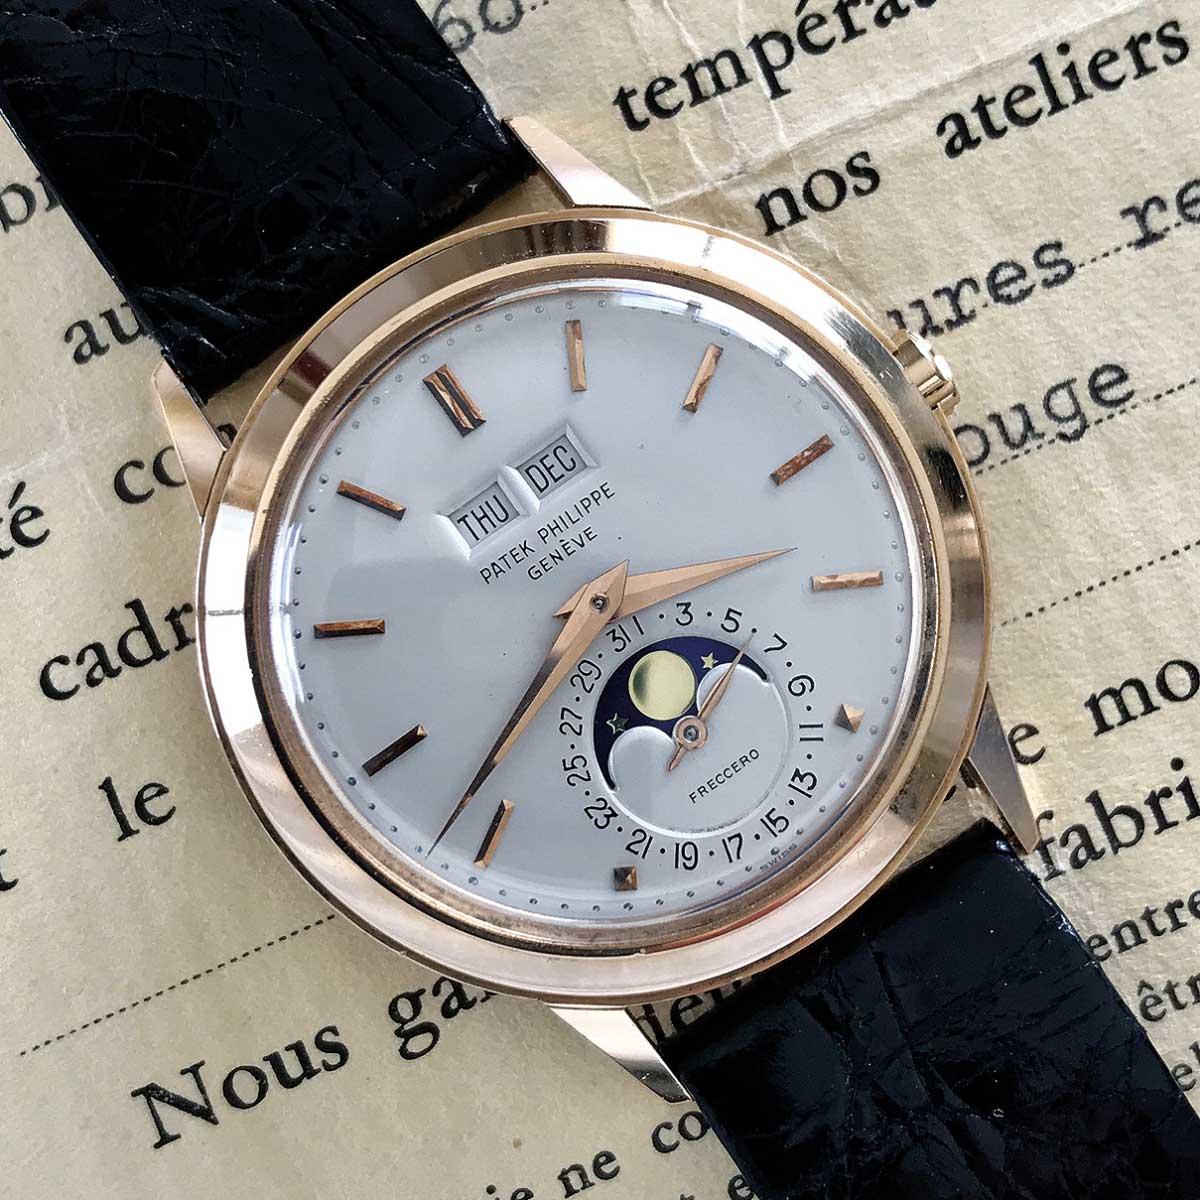 Patek Philippe 18kt Pink Gold Ref 3448 perpetual calendar